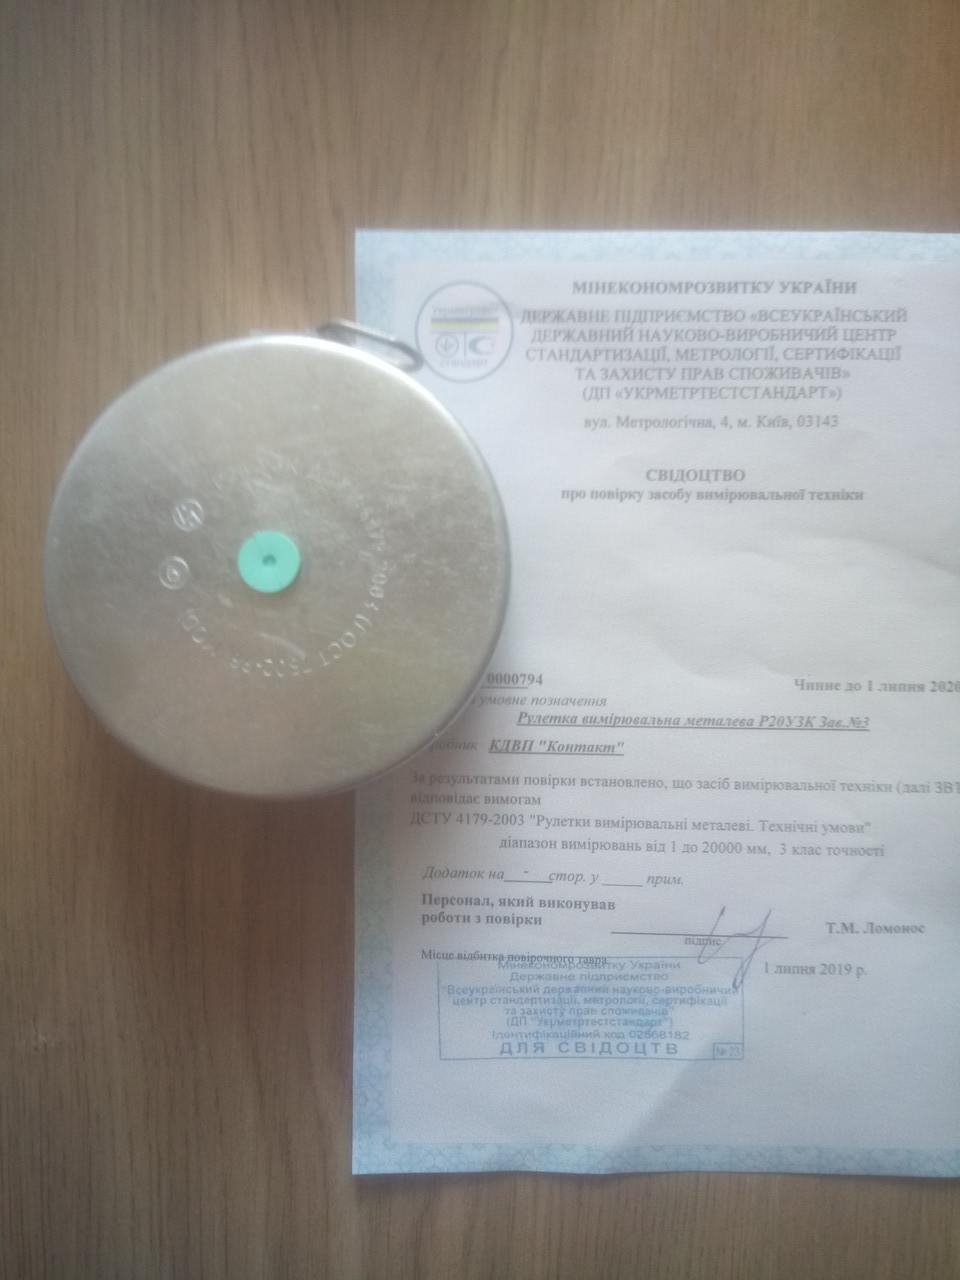 Рулетка измерительная  Р20УЗК , 3-го класса точности(возможна калибровка в УкрЦСМ).